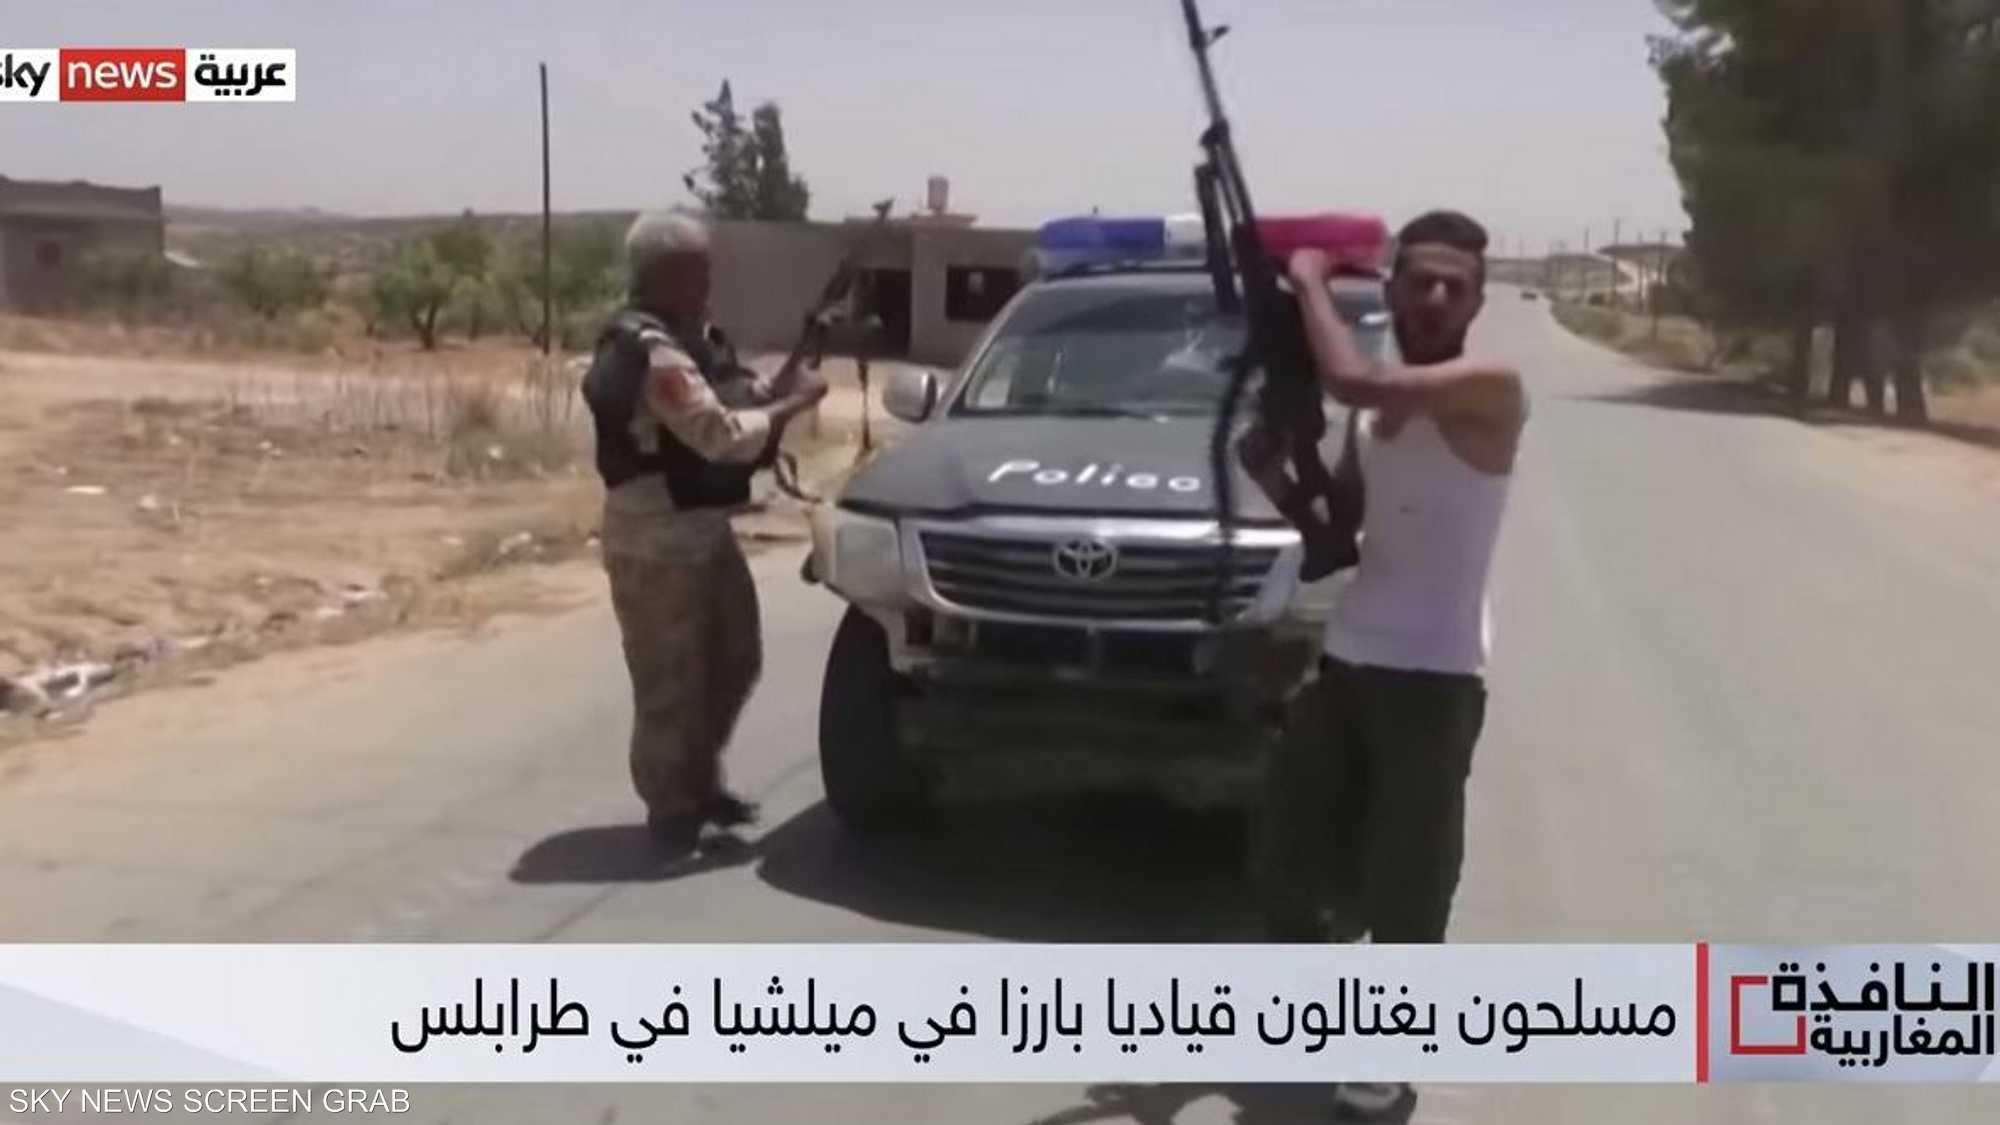 مسلحون يغتالون قياديا بارزا في ميلشيا في طرابلس